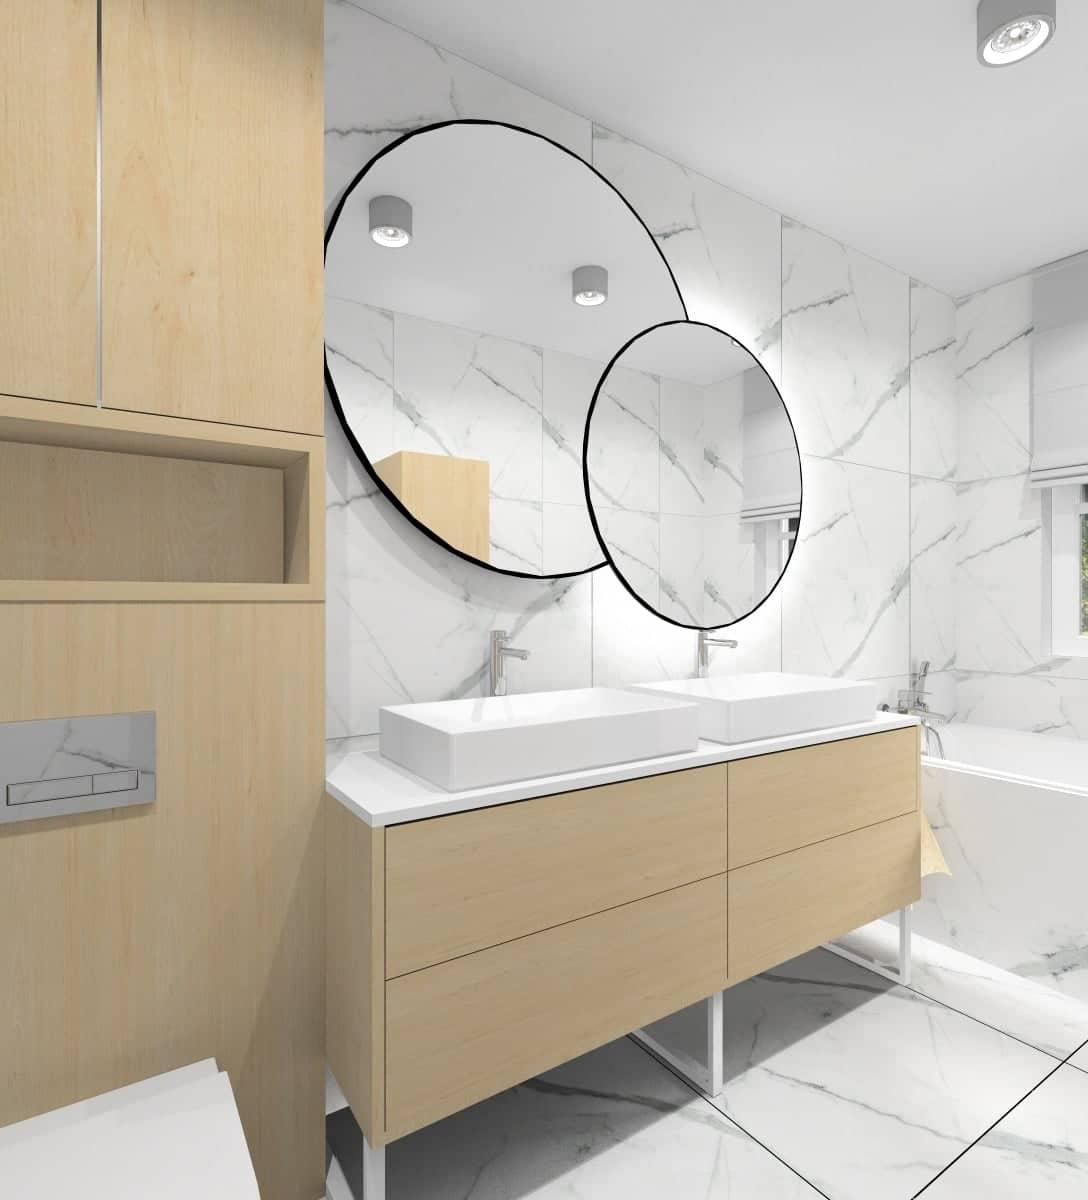 Łazienka z marmurem i drewenm, szafka pod umywalkę drewniana, płytki na ścianie marmurowe, projekt łazienki nowoczesnej